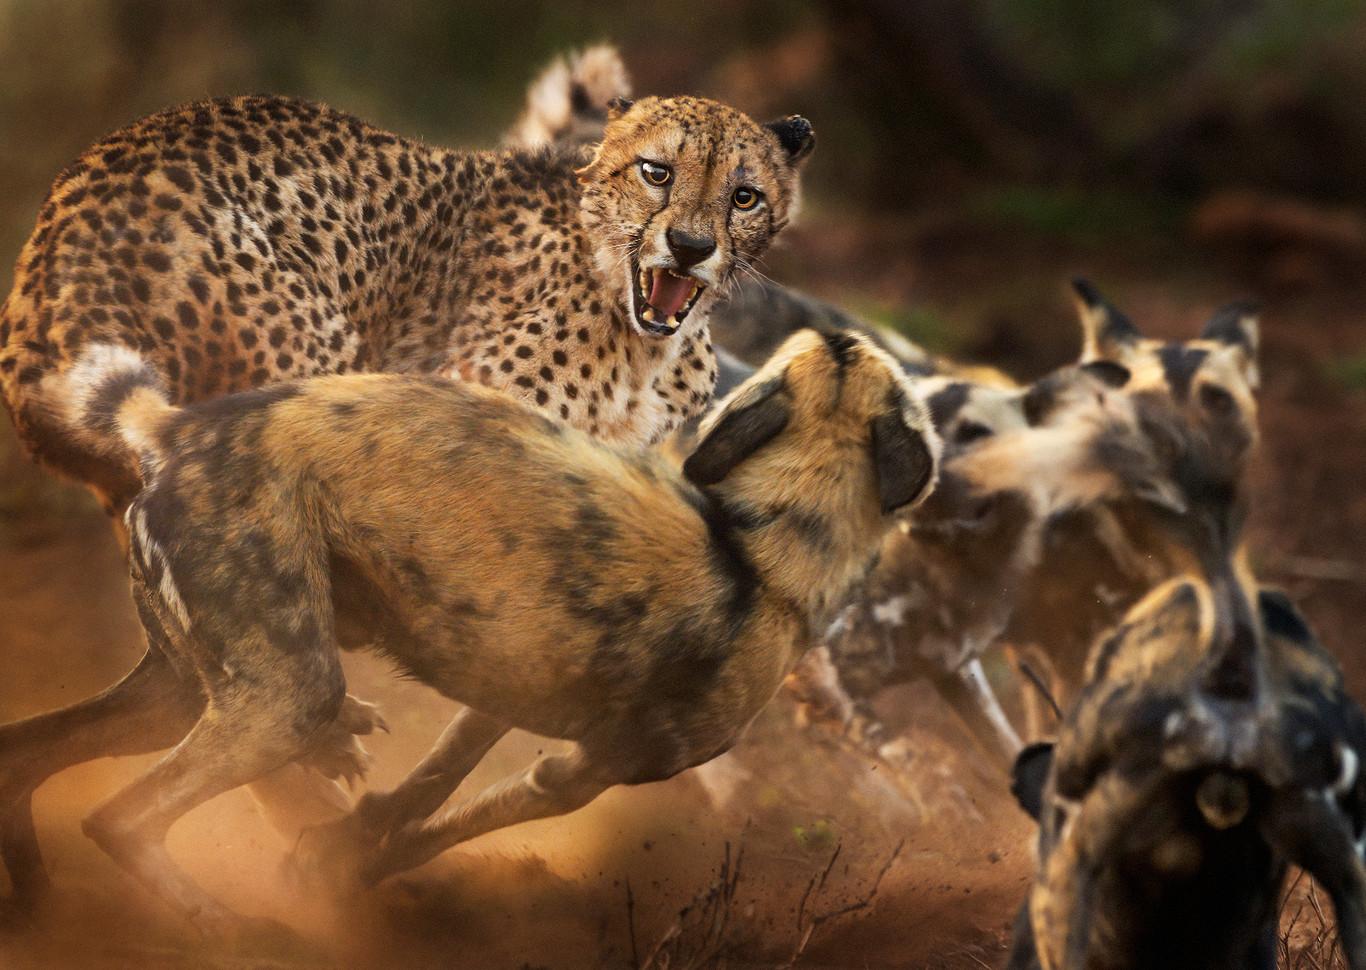 Estas son algunas de las espectaculares imágenes finalistas del concurso Wildlife Photographer of the Year 2019